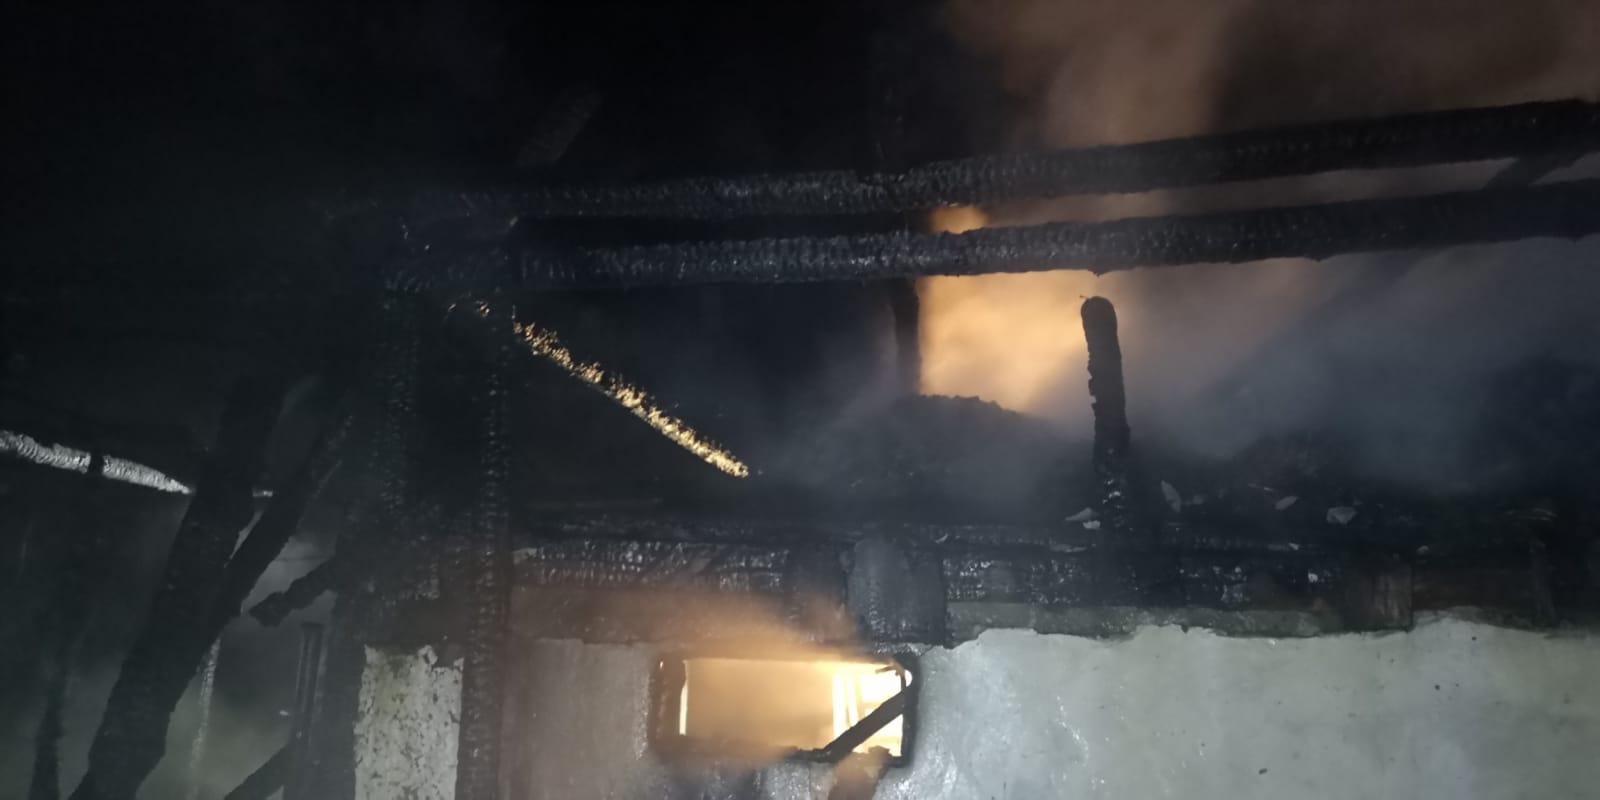 Incendiu Frătăuții Vechi, 12 iunie 2020